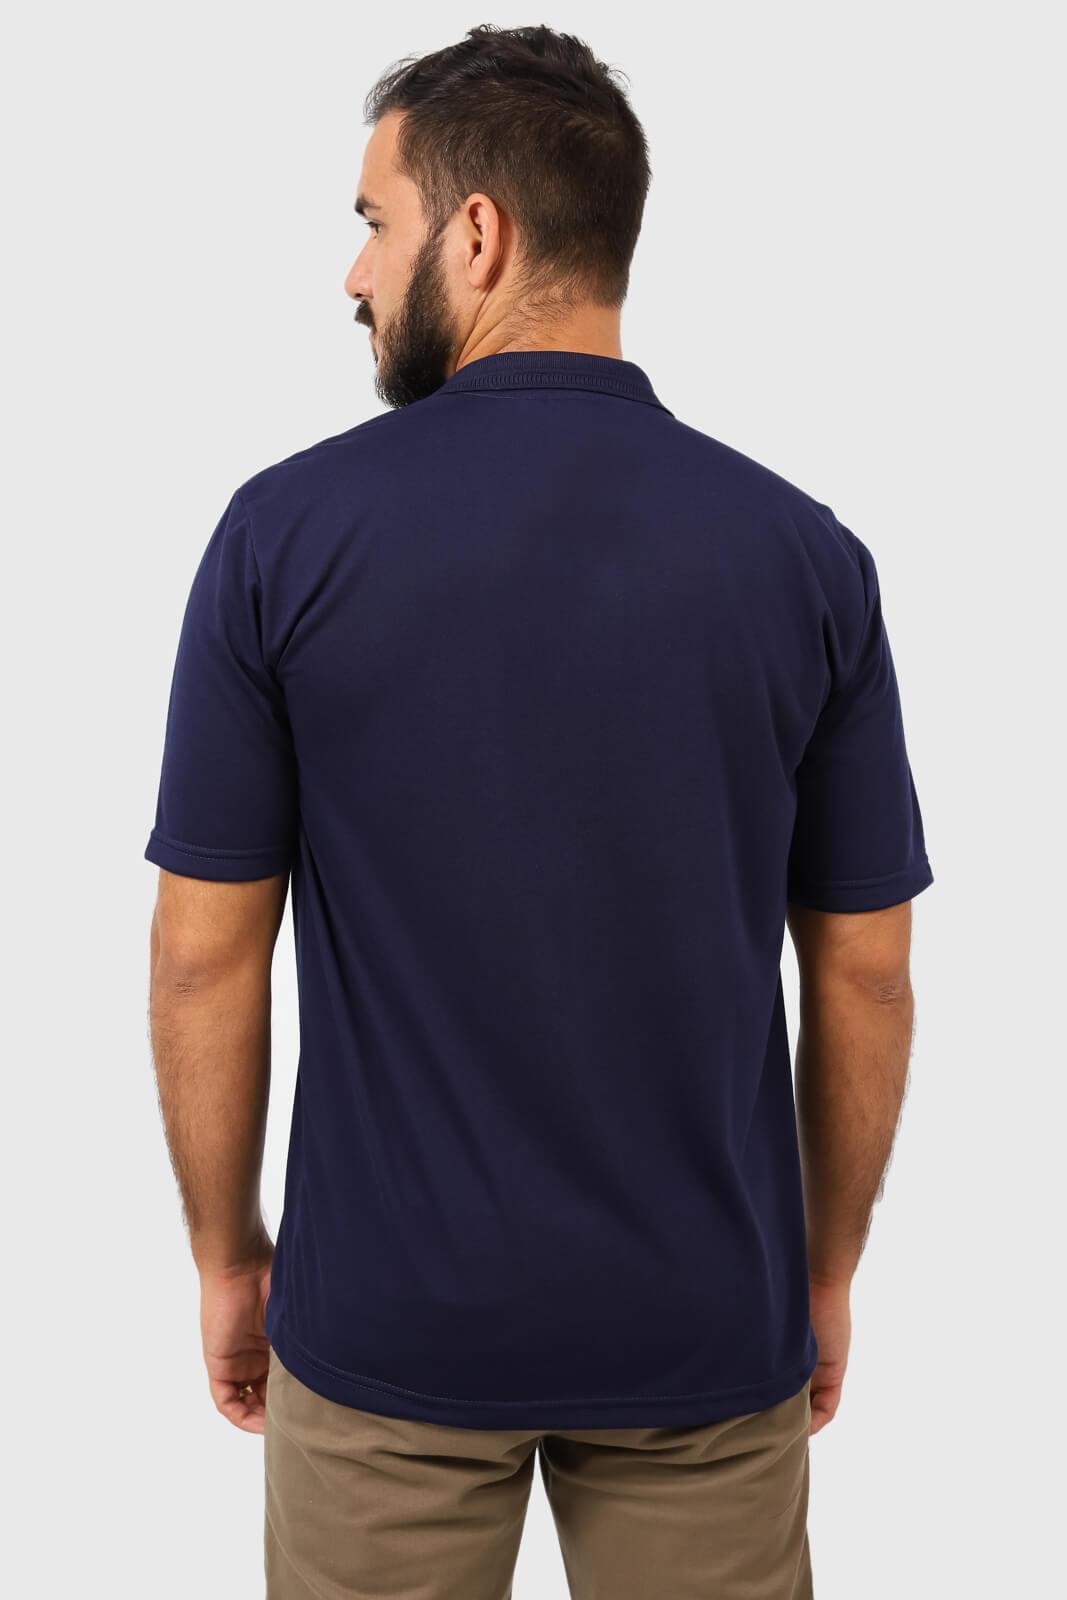 KIT 3 Camisas Gola Polo Lisa com Bolso Poliviscose